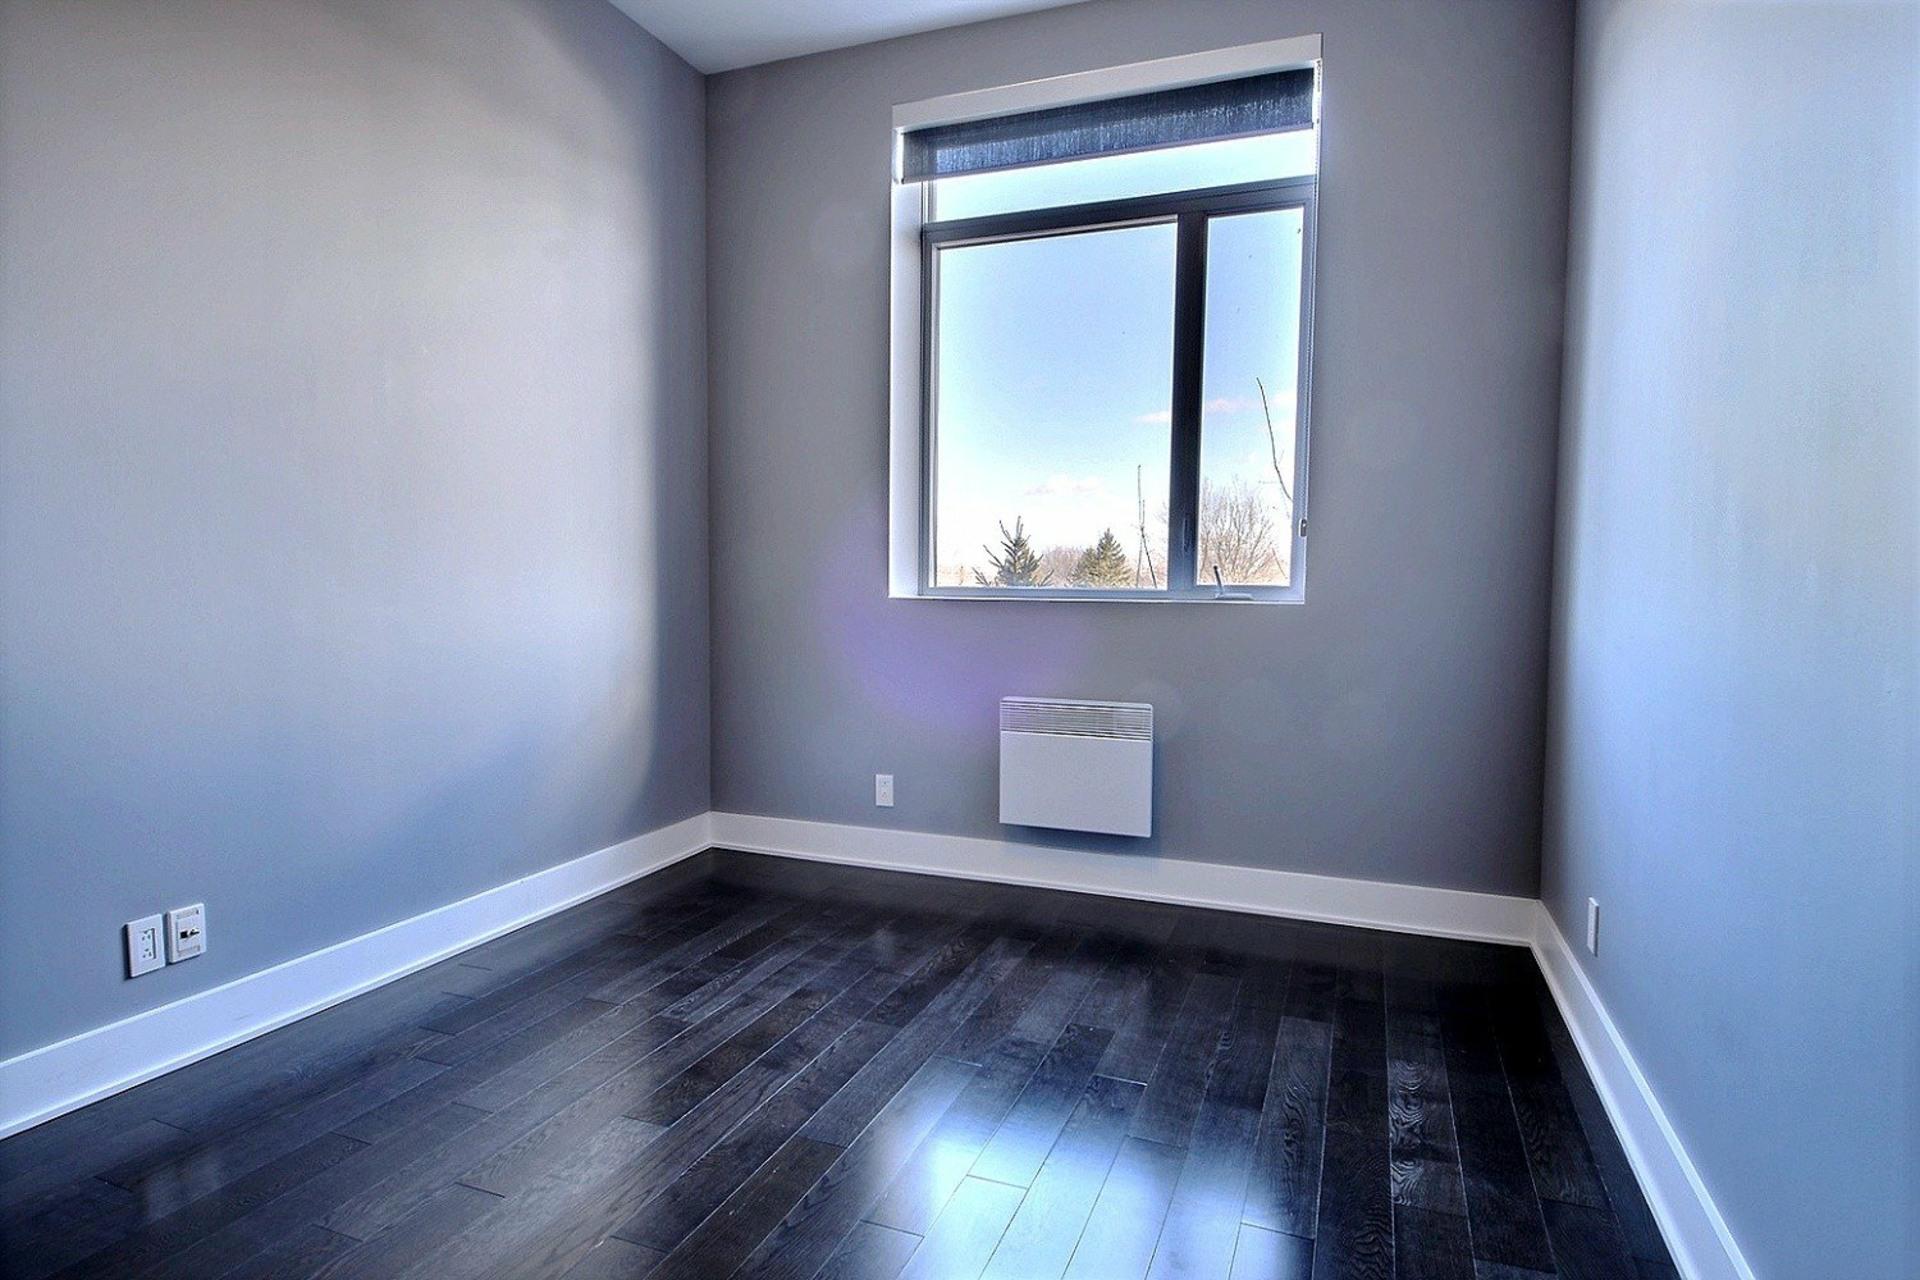 image 13 - Appartement À vendre Lachine Montréal  - 12 pièces